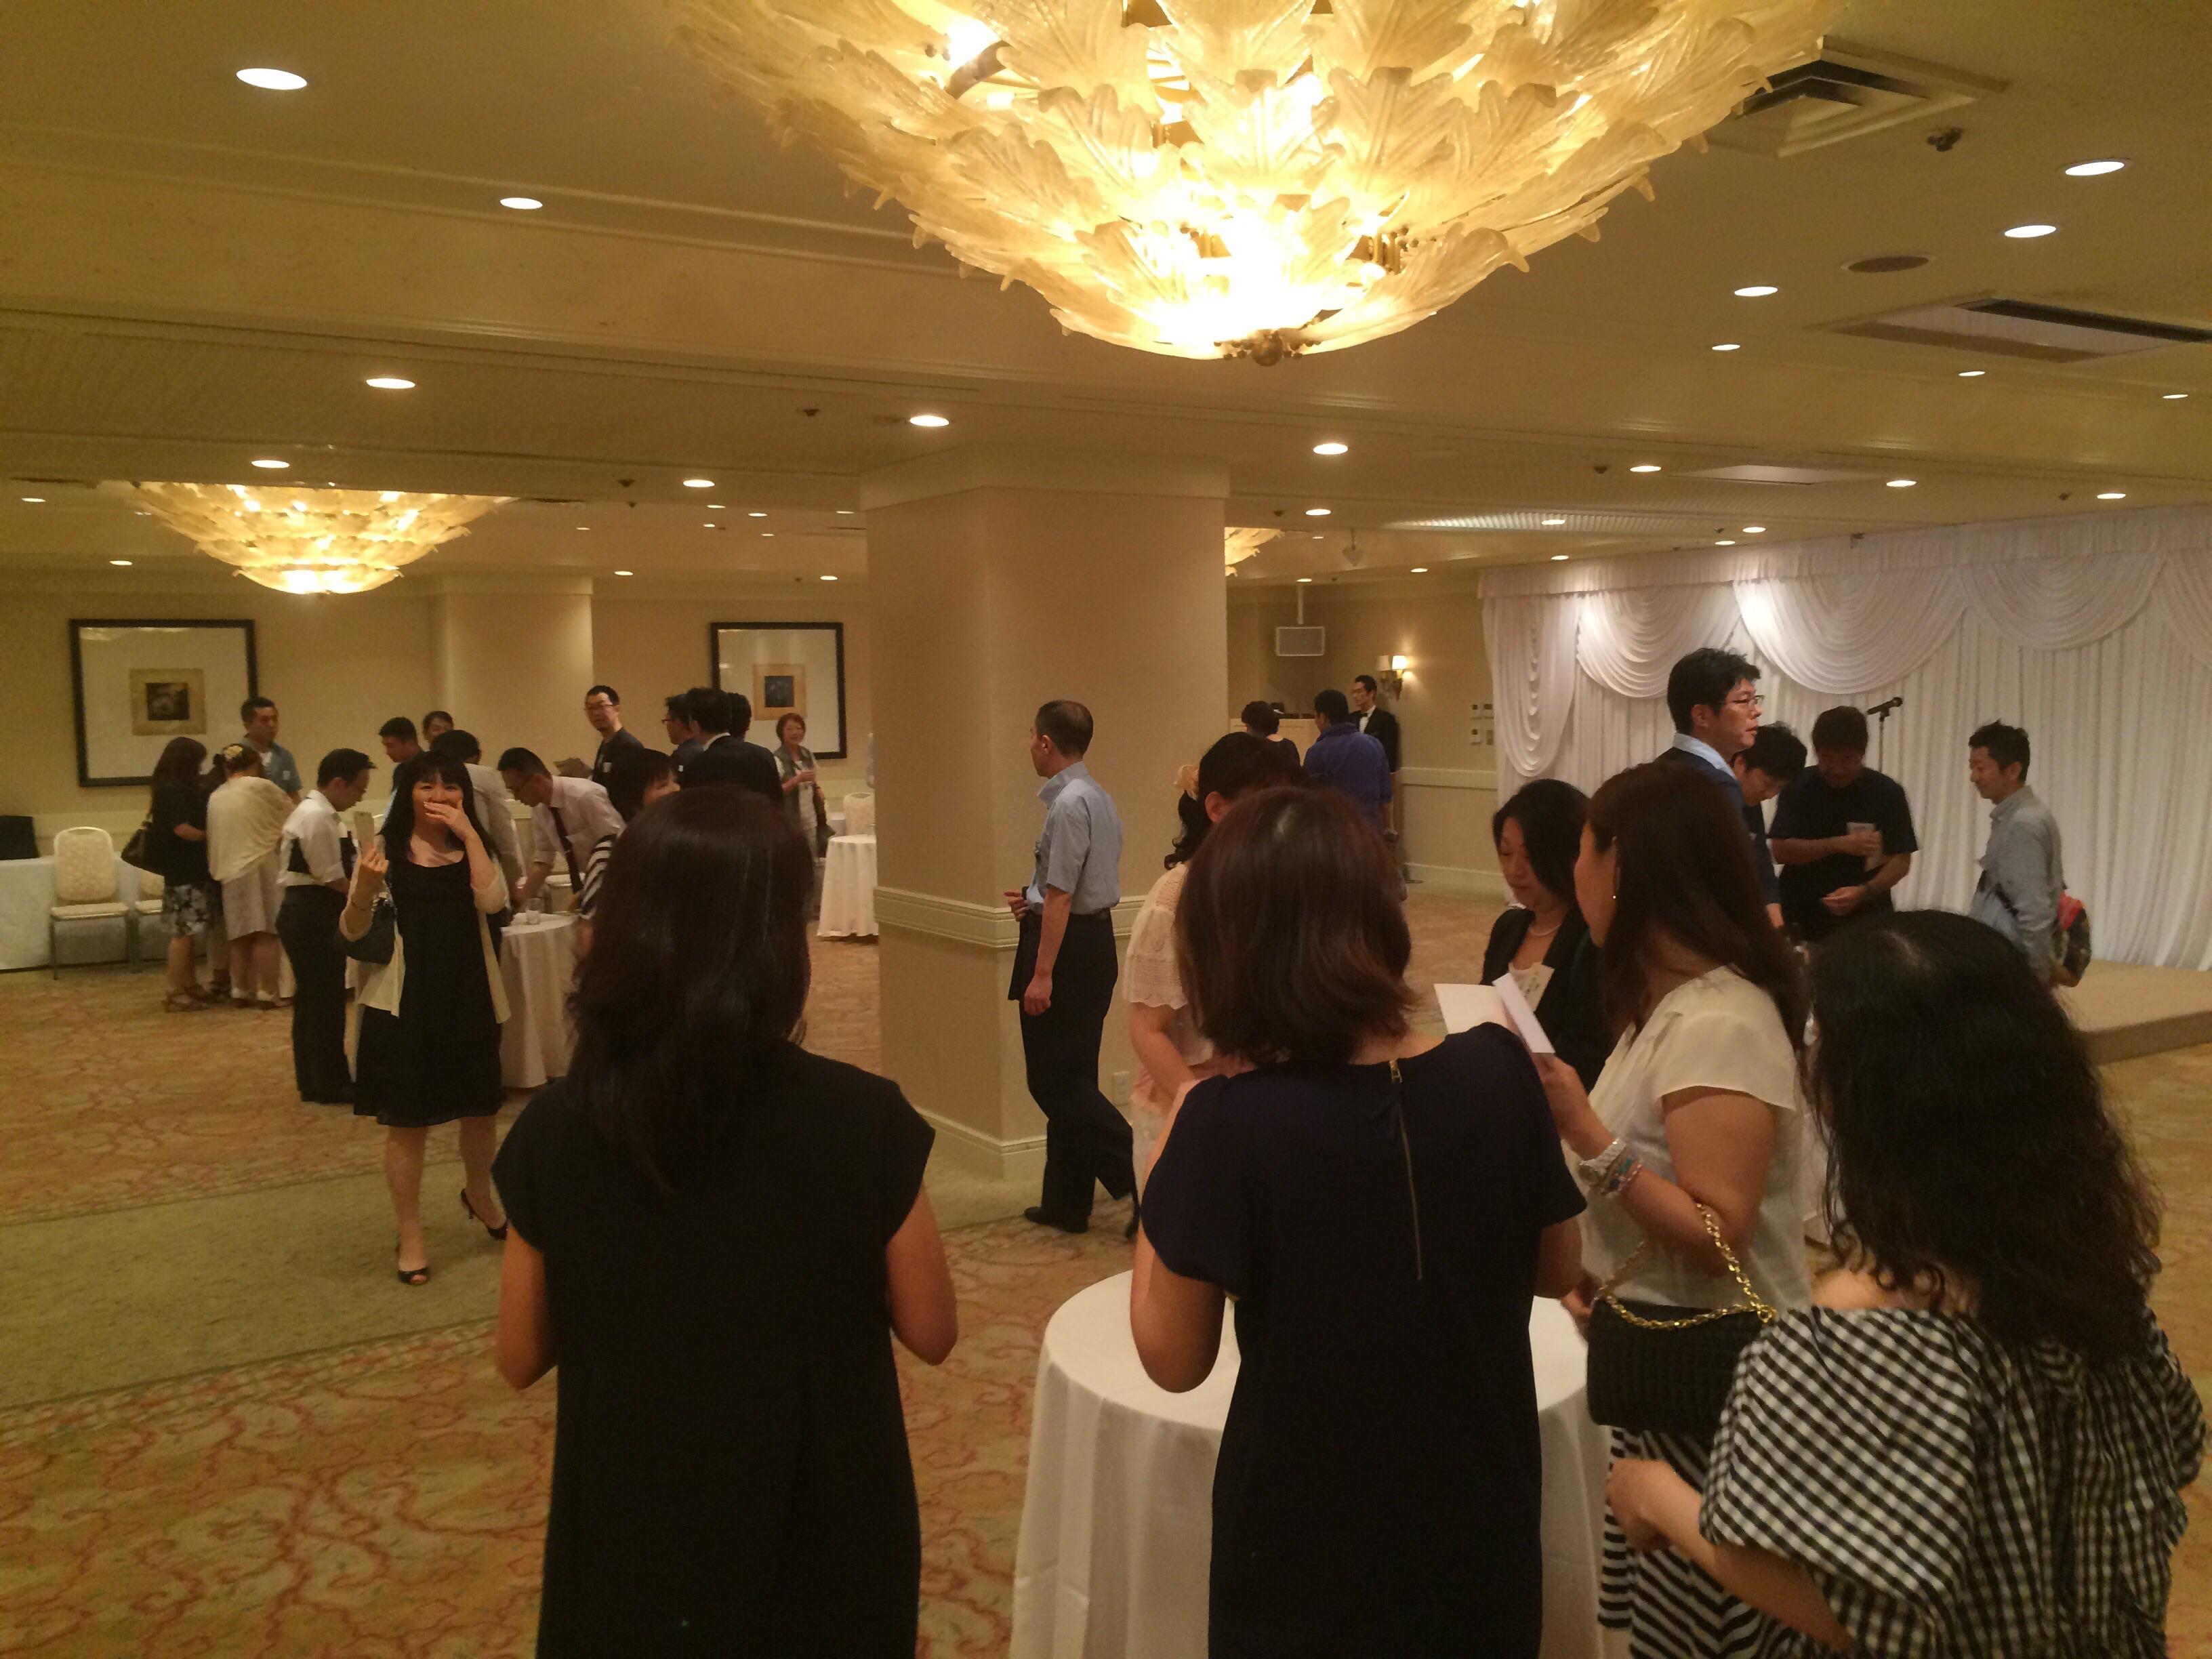 名古屋市立瑞穂ヶ丘中学校。 略して《瑞中》同窓会は30年ぶりの再会。